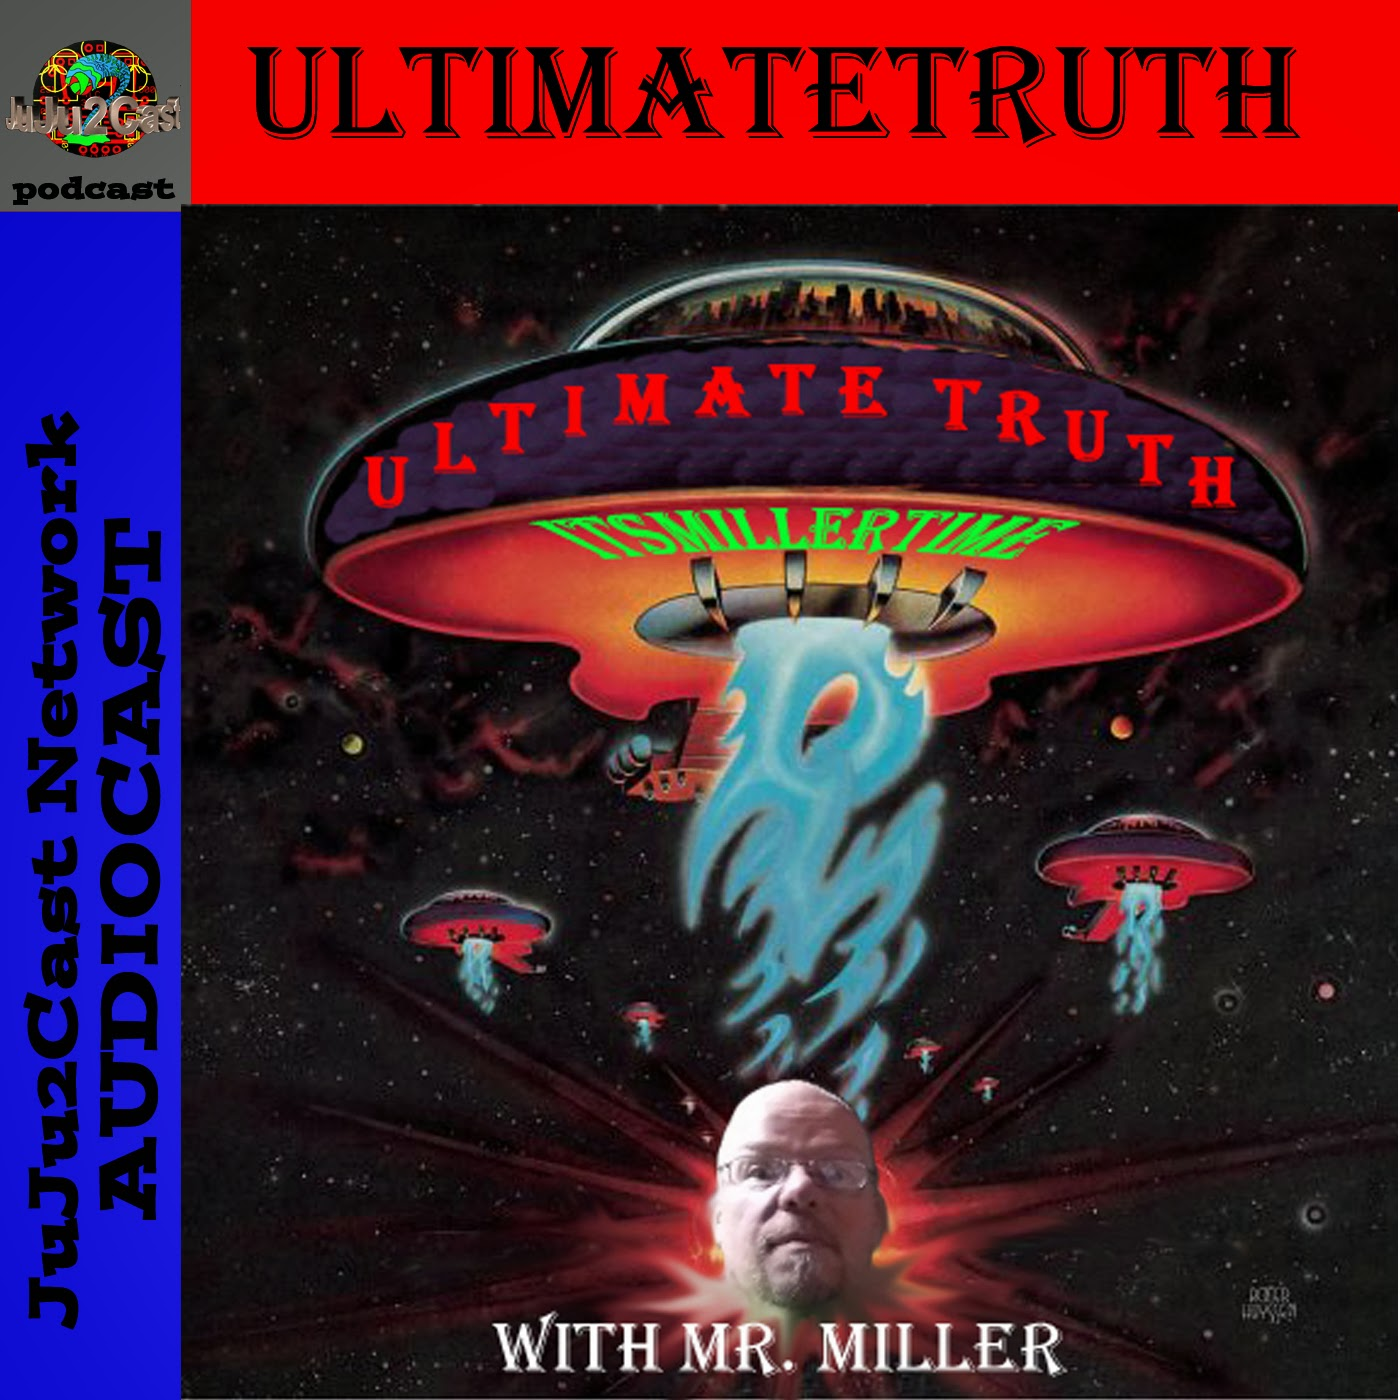 UltimateTruthAudioCast